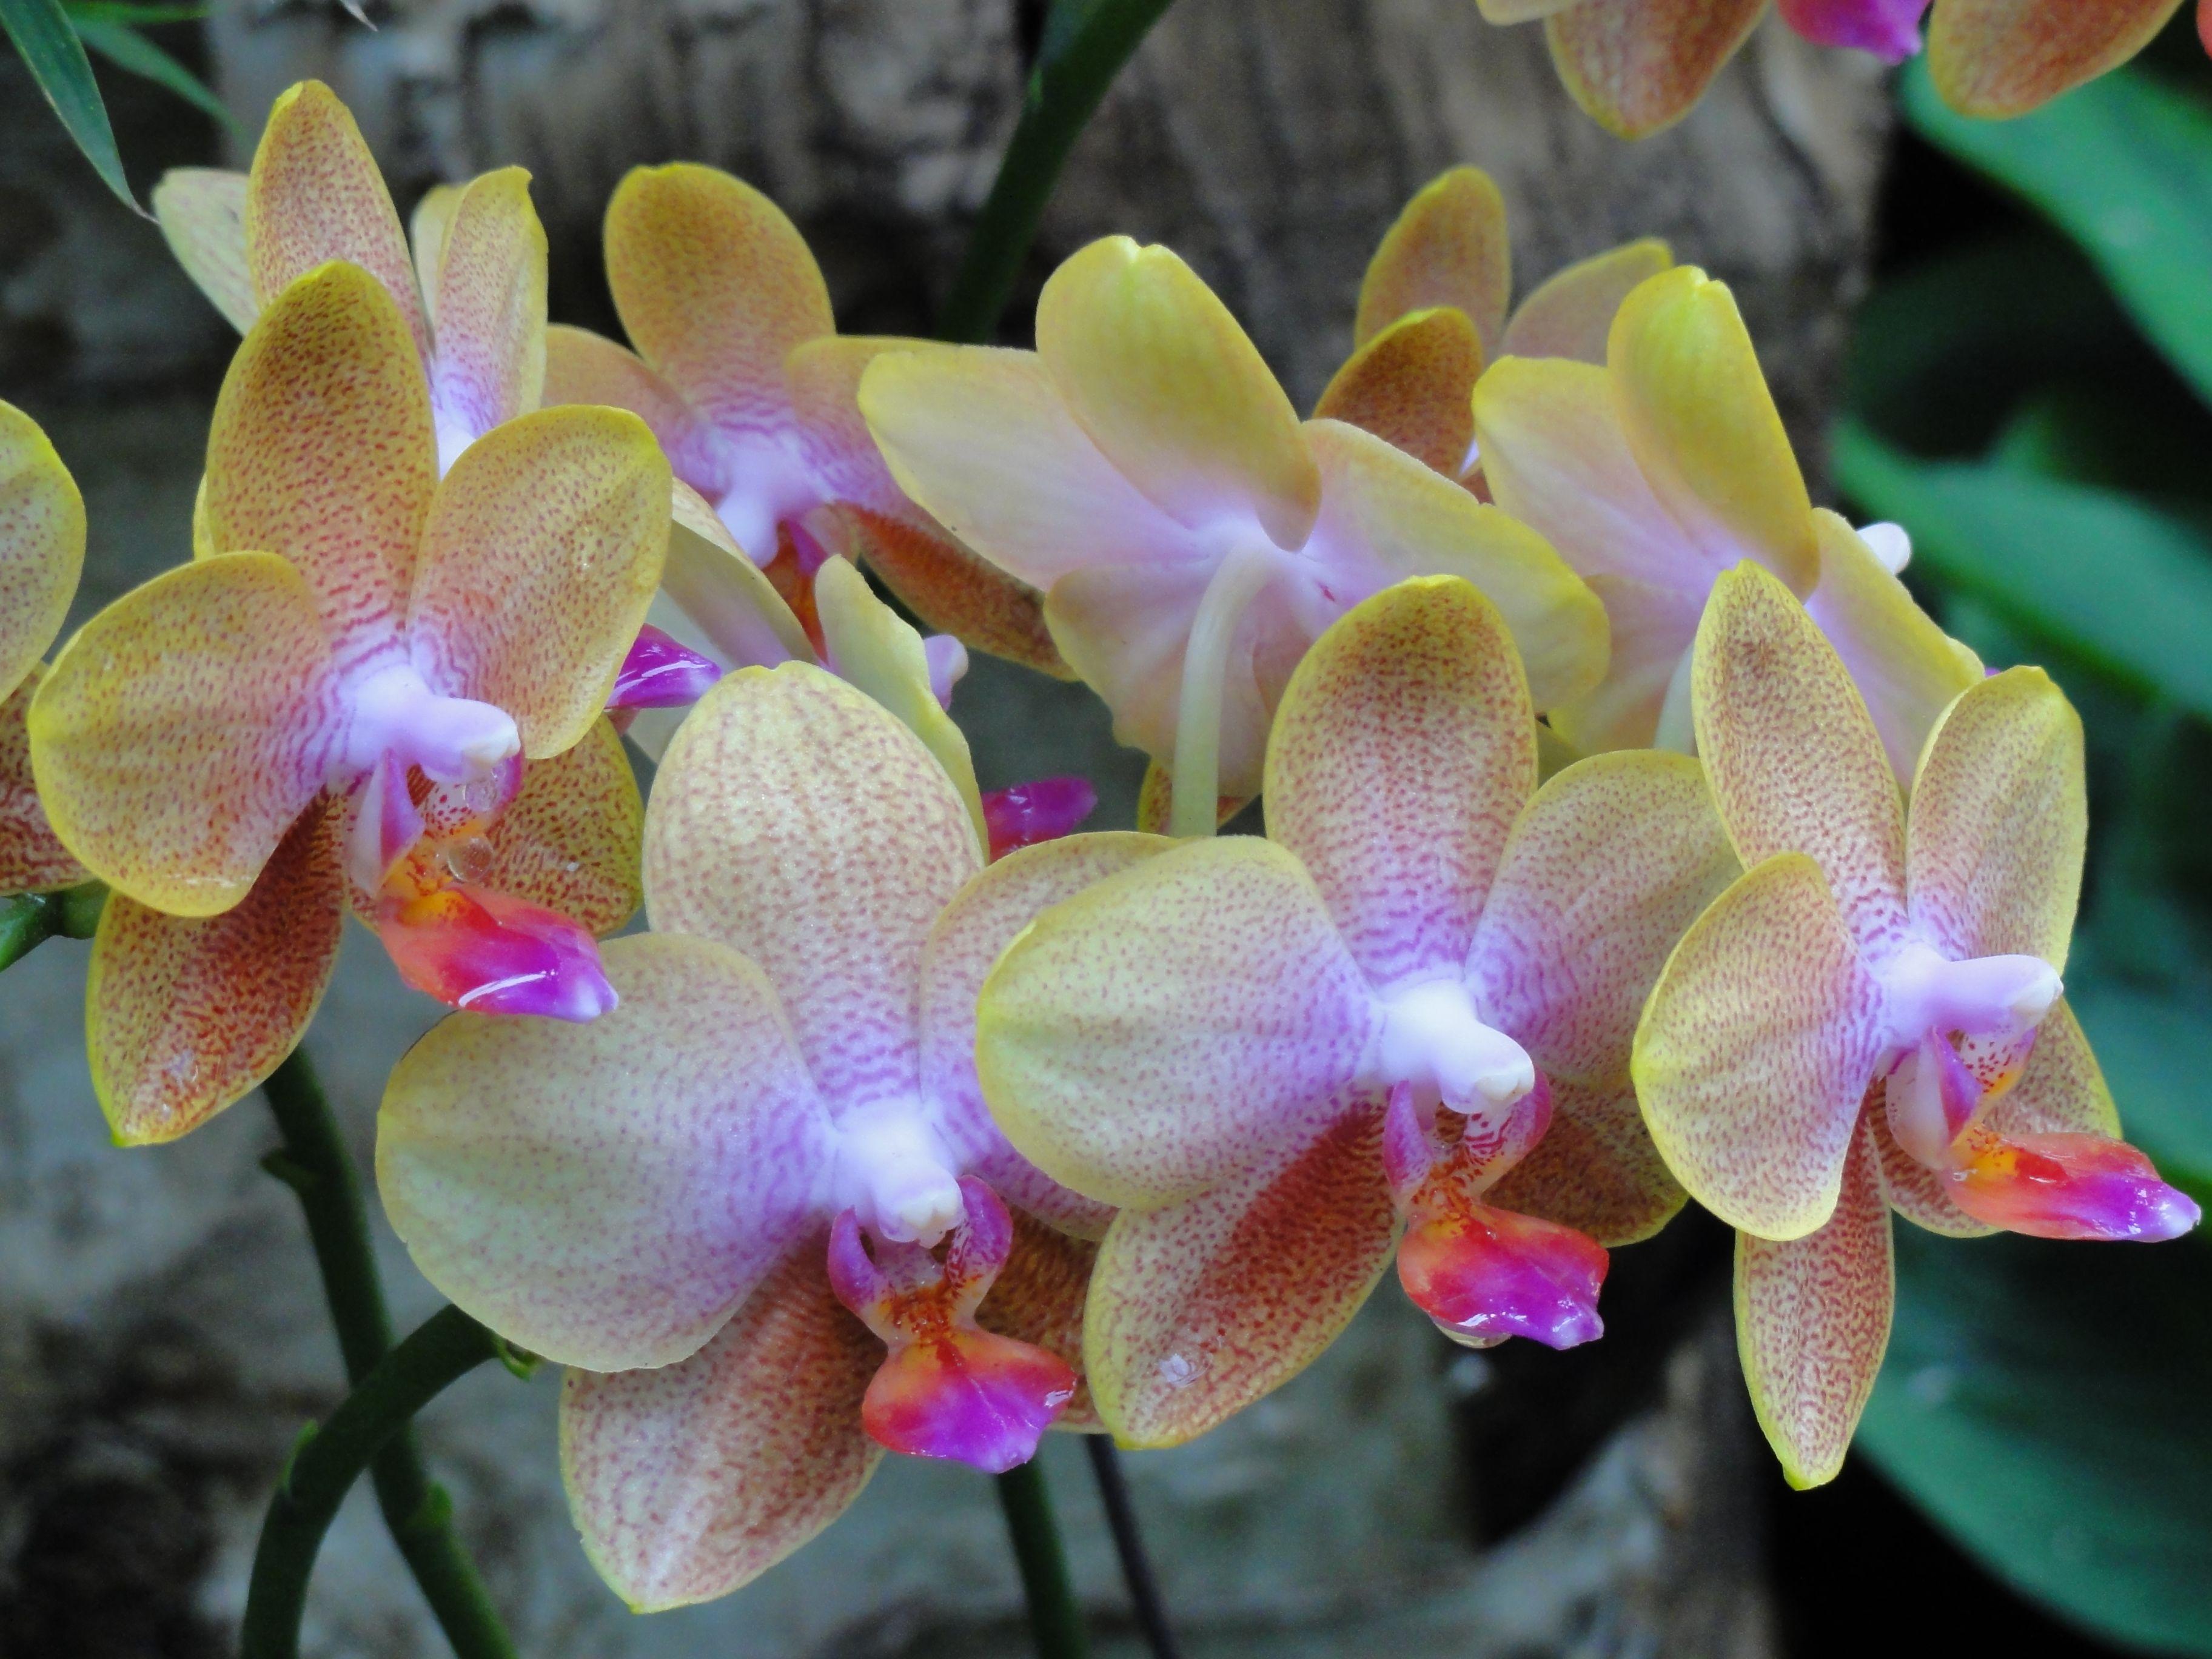 орхидеи голд раш фото преддверии свадебной